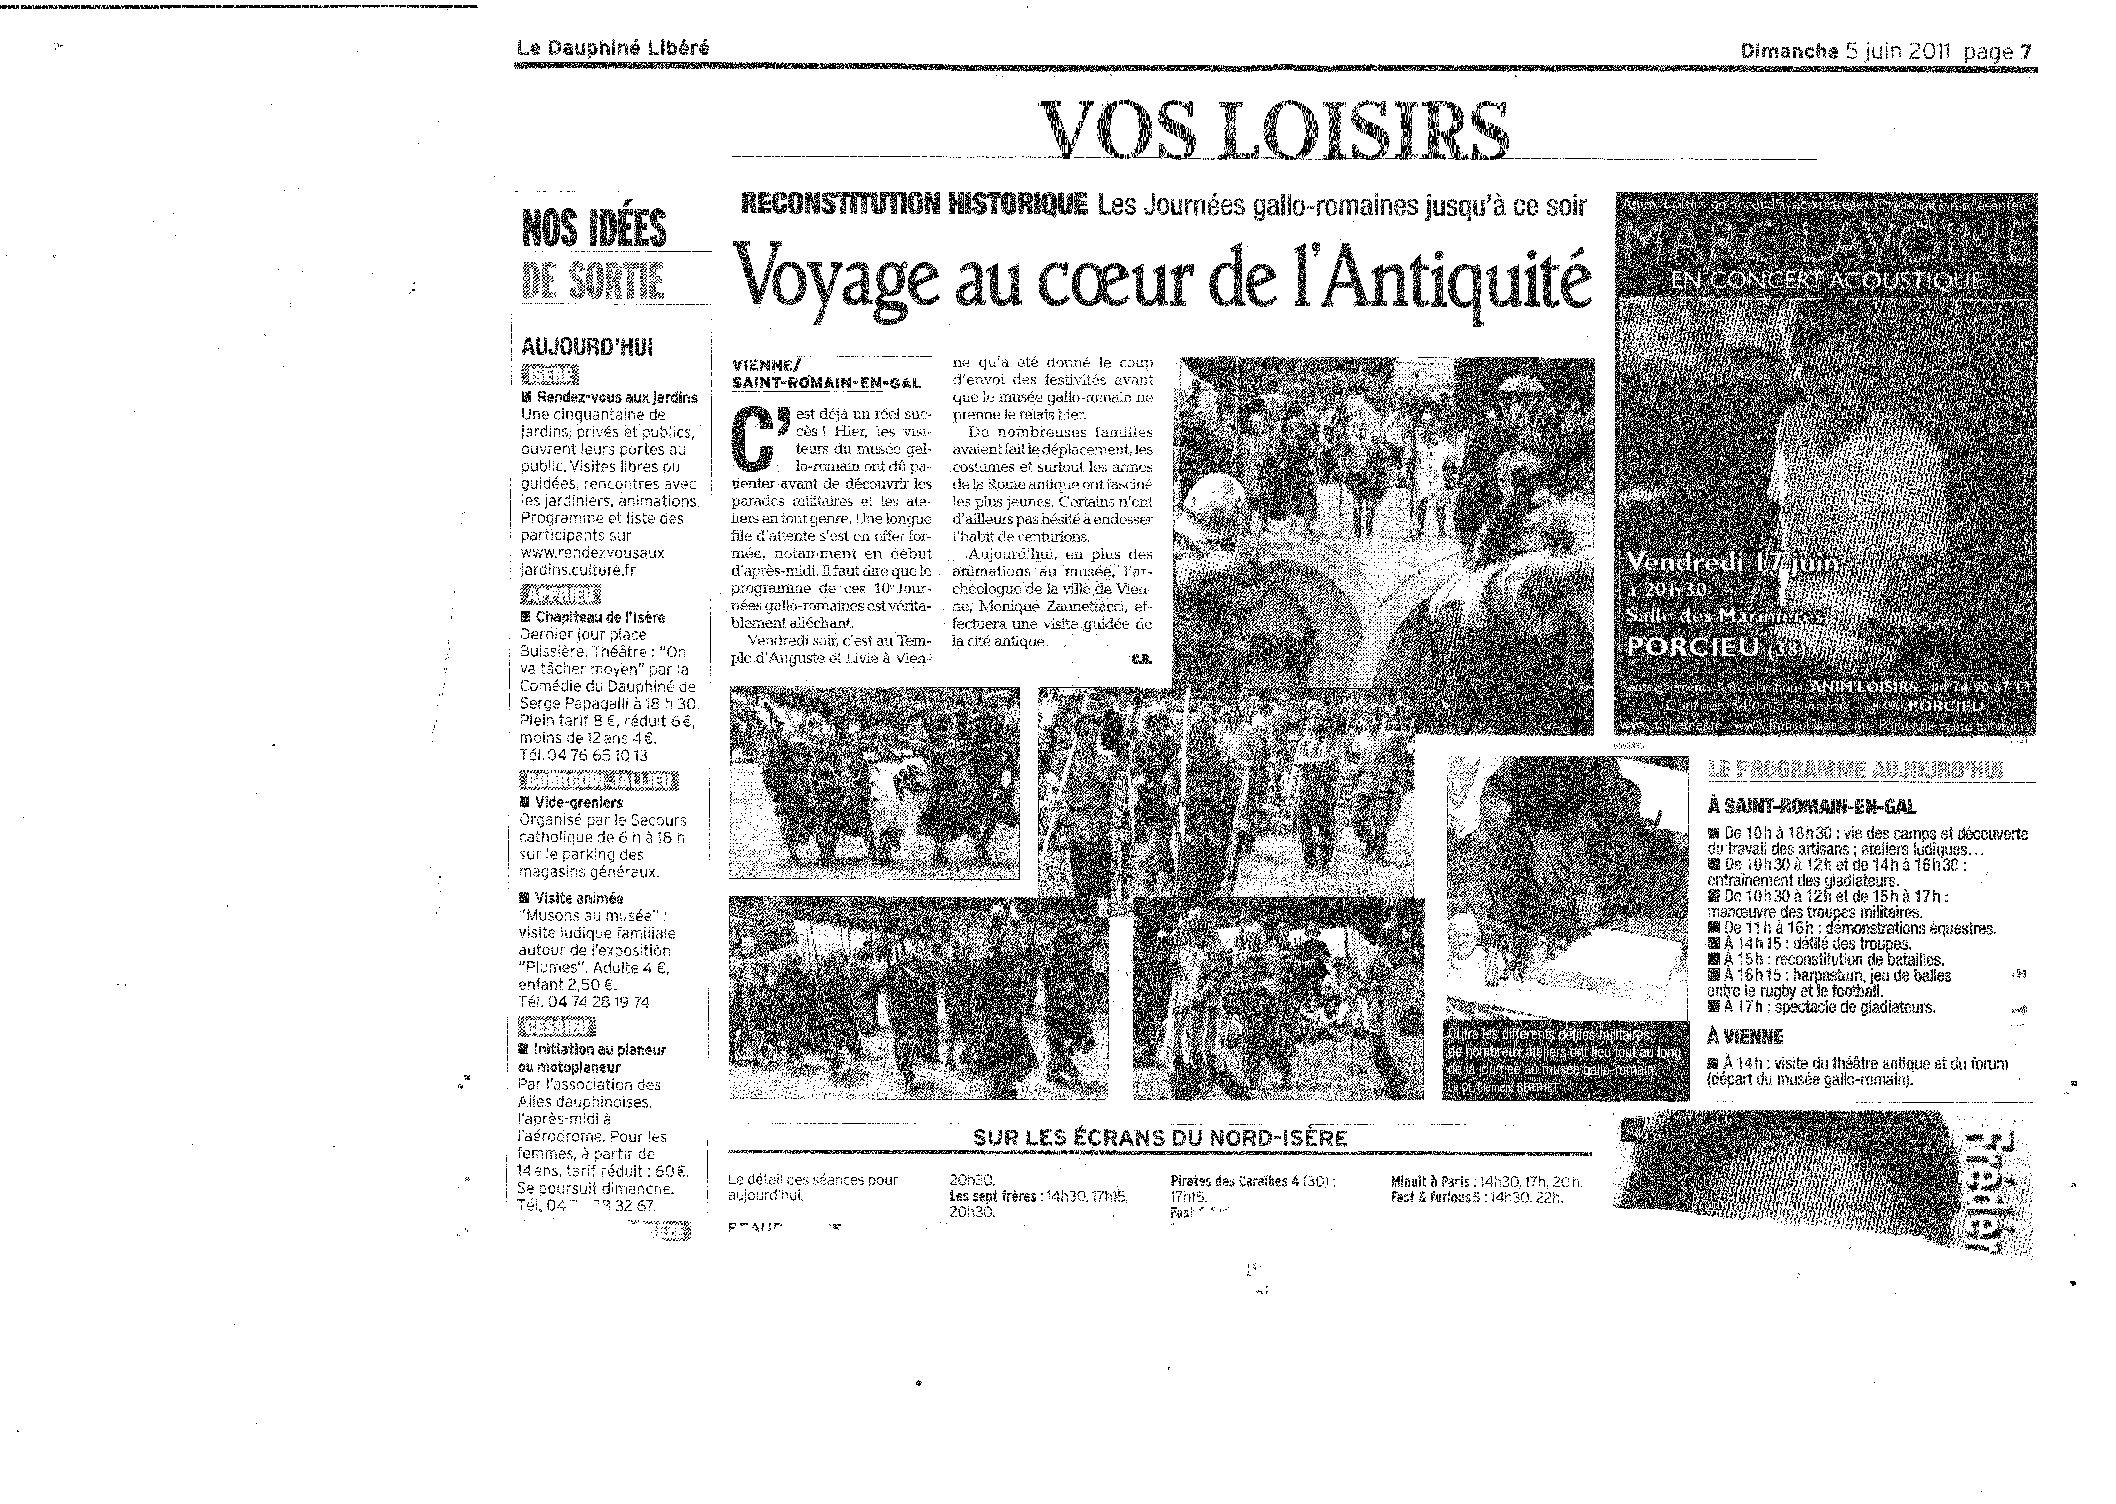 Le Dauphiné Libéré (dimanche 5 juin 2011. Page 7)